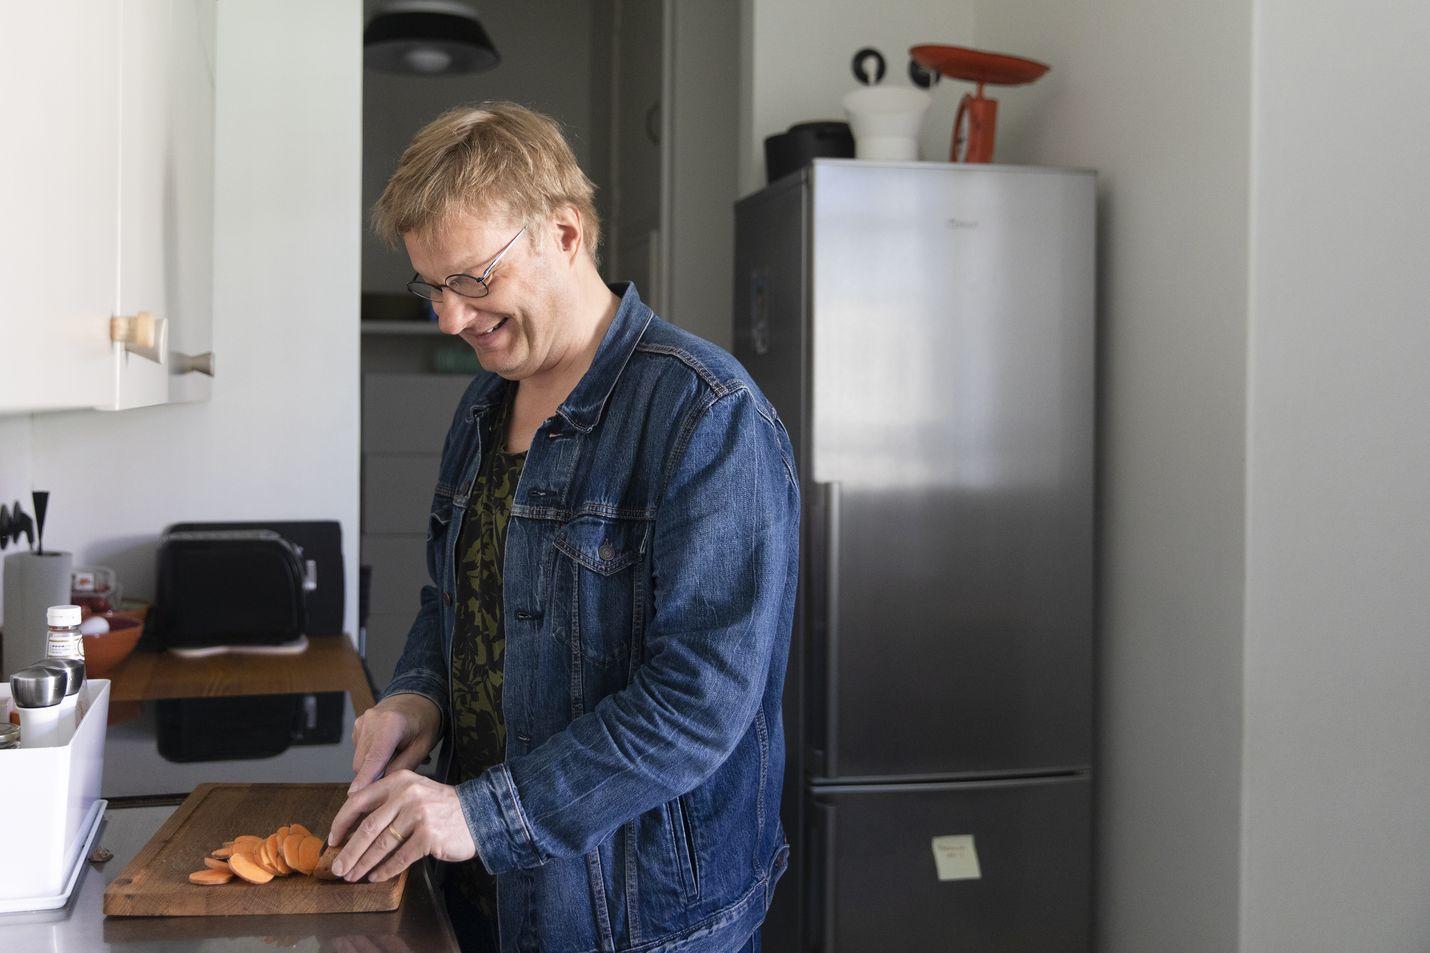 Iiro Rantala viihtyy hyvin keittiössä ja hänellä on liuta hyväksi havaittuja reseptejä, joita hän laittaa viikosta toiseen. Vuosi sitten hän ryhtyi kasvissyöjäksi.